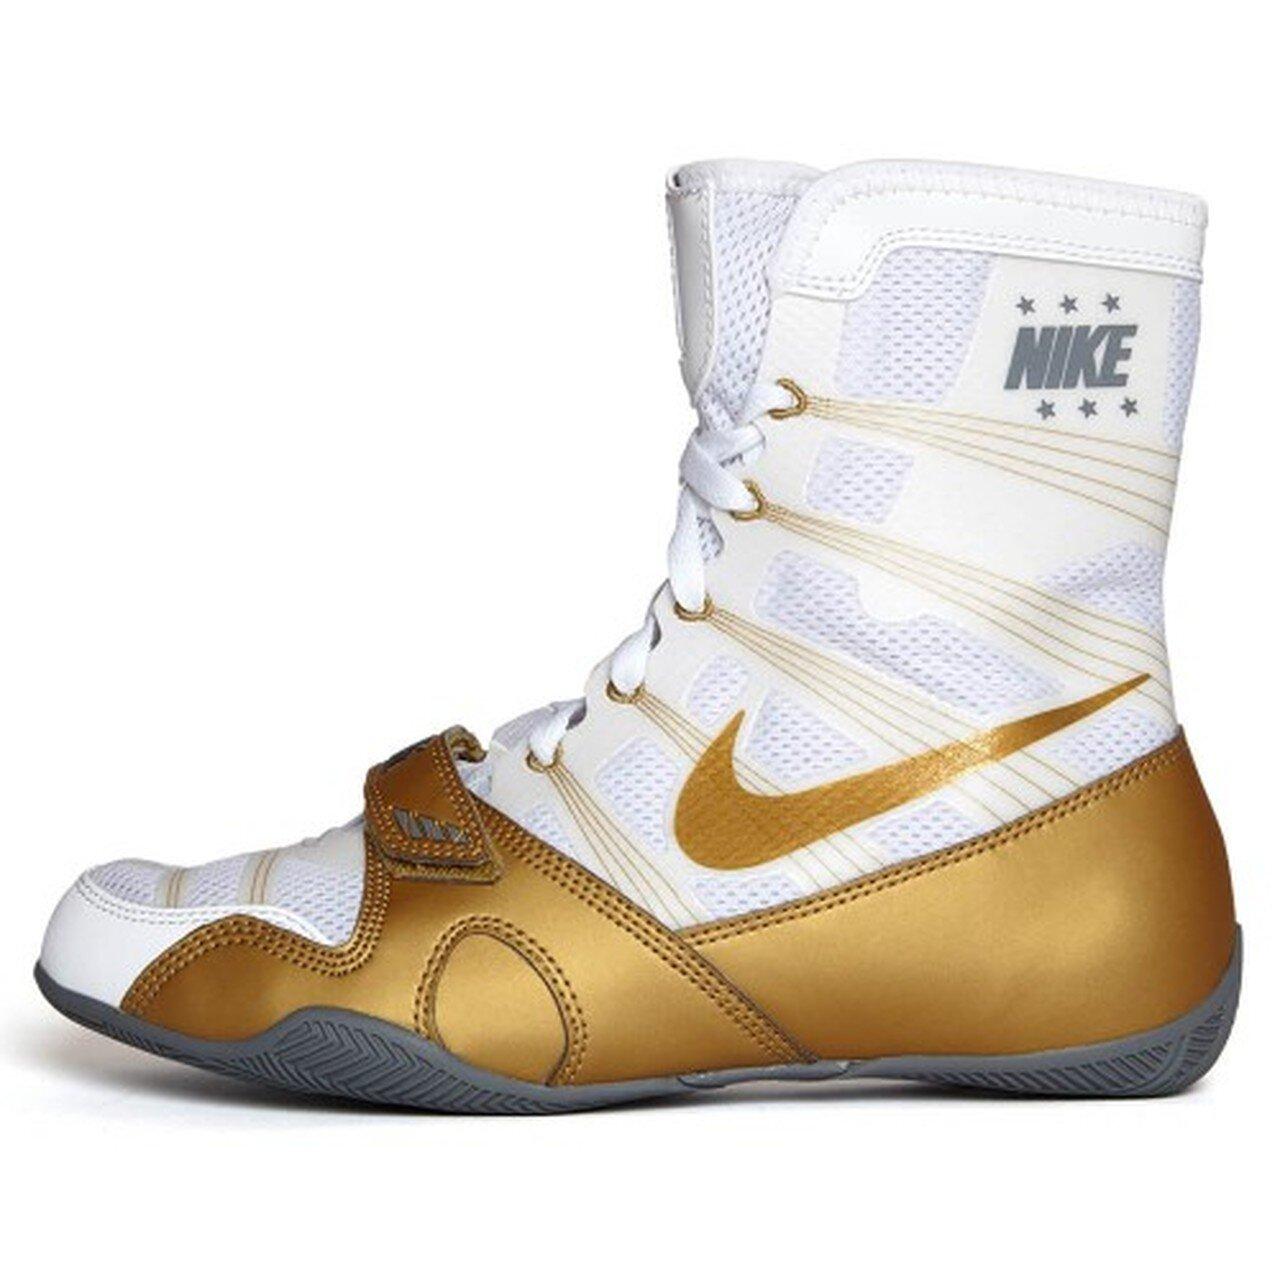 adidas kids boxing shoes off 78% - www.usushimd.com